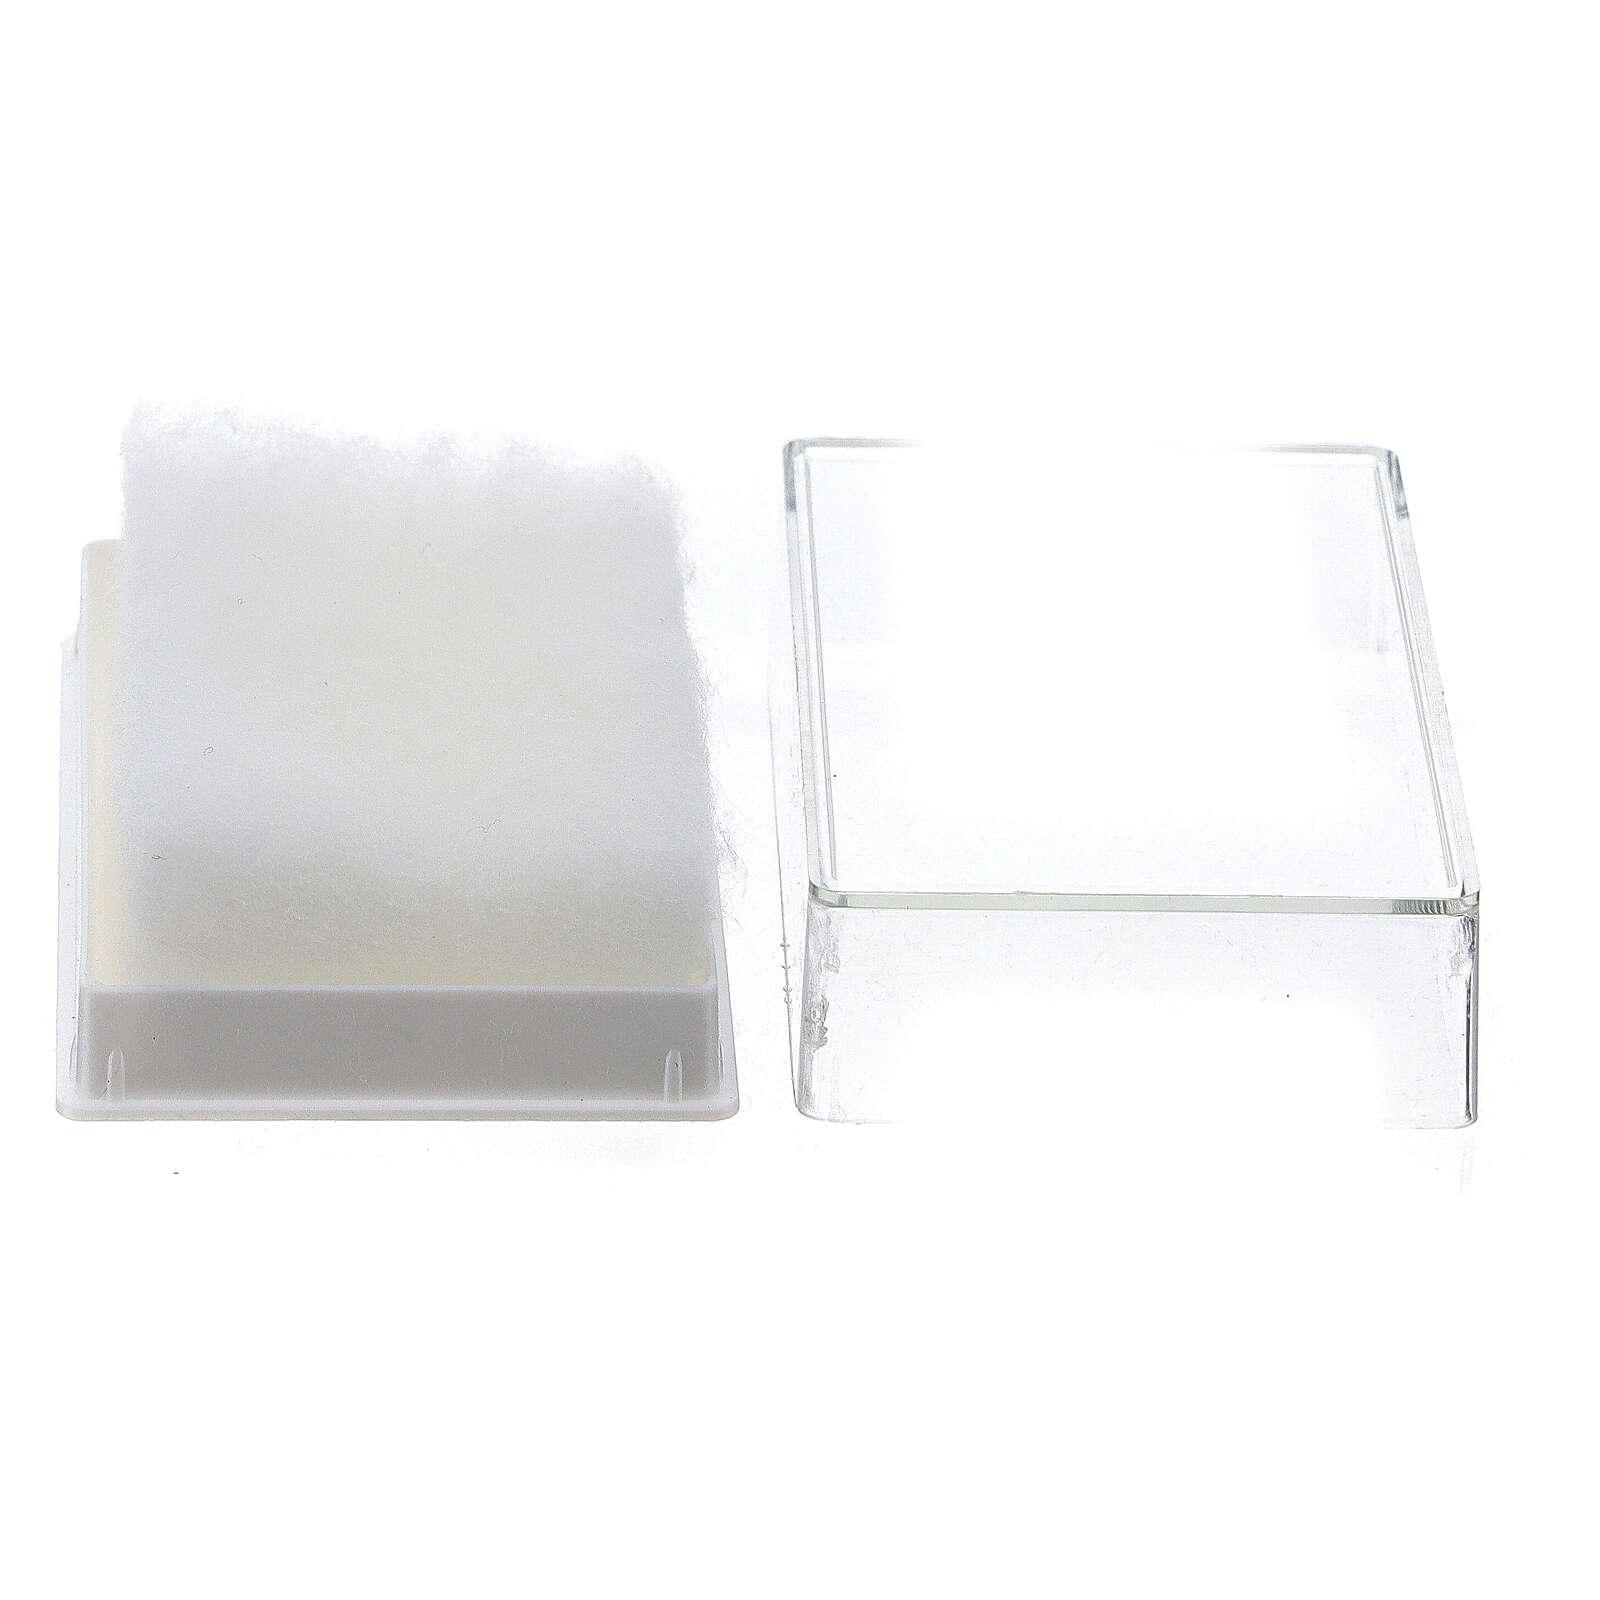 Portarosario rettangolare con ovatta per grani 6-7 mm 4